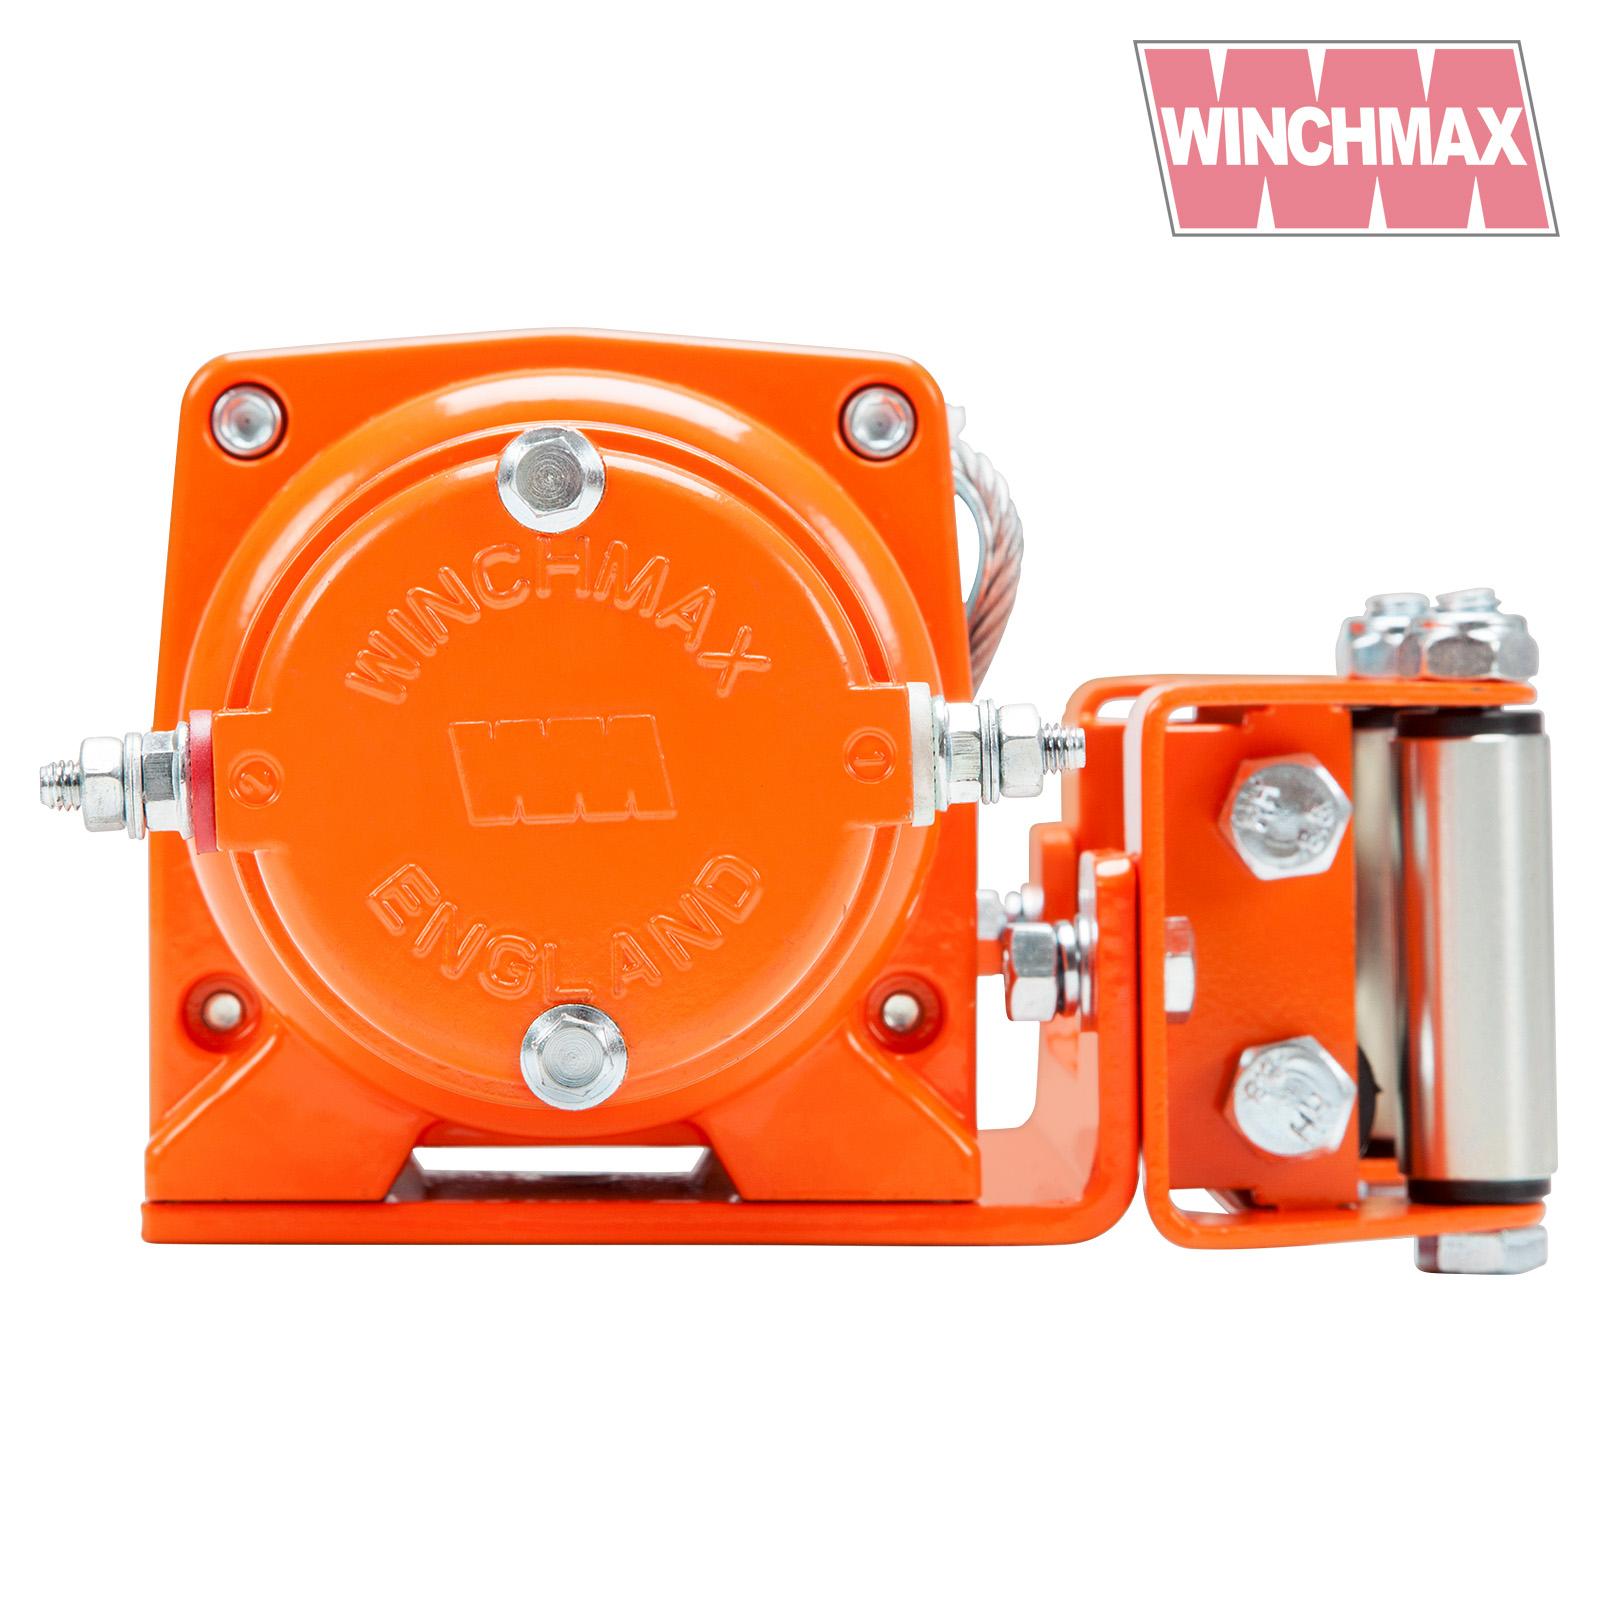 Wm300012vr winchmax 366